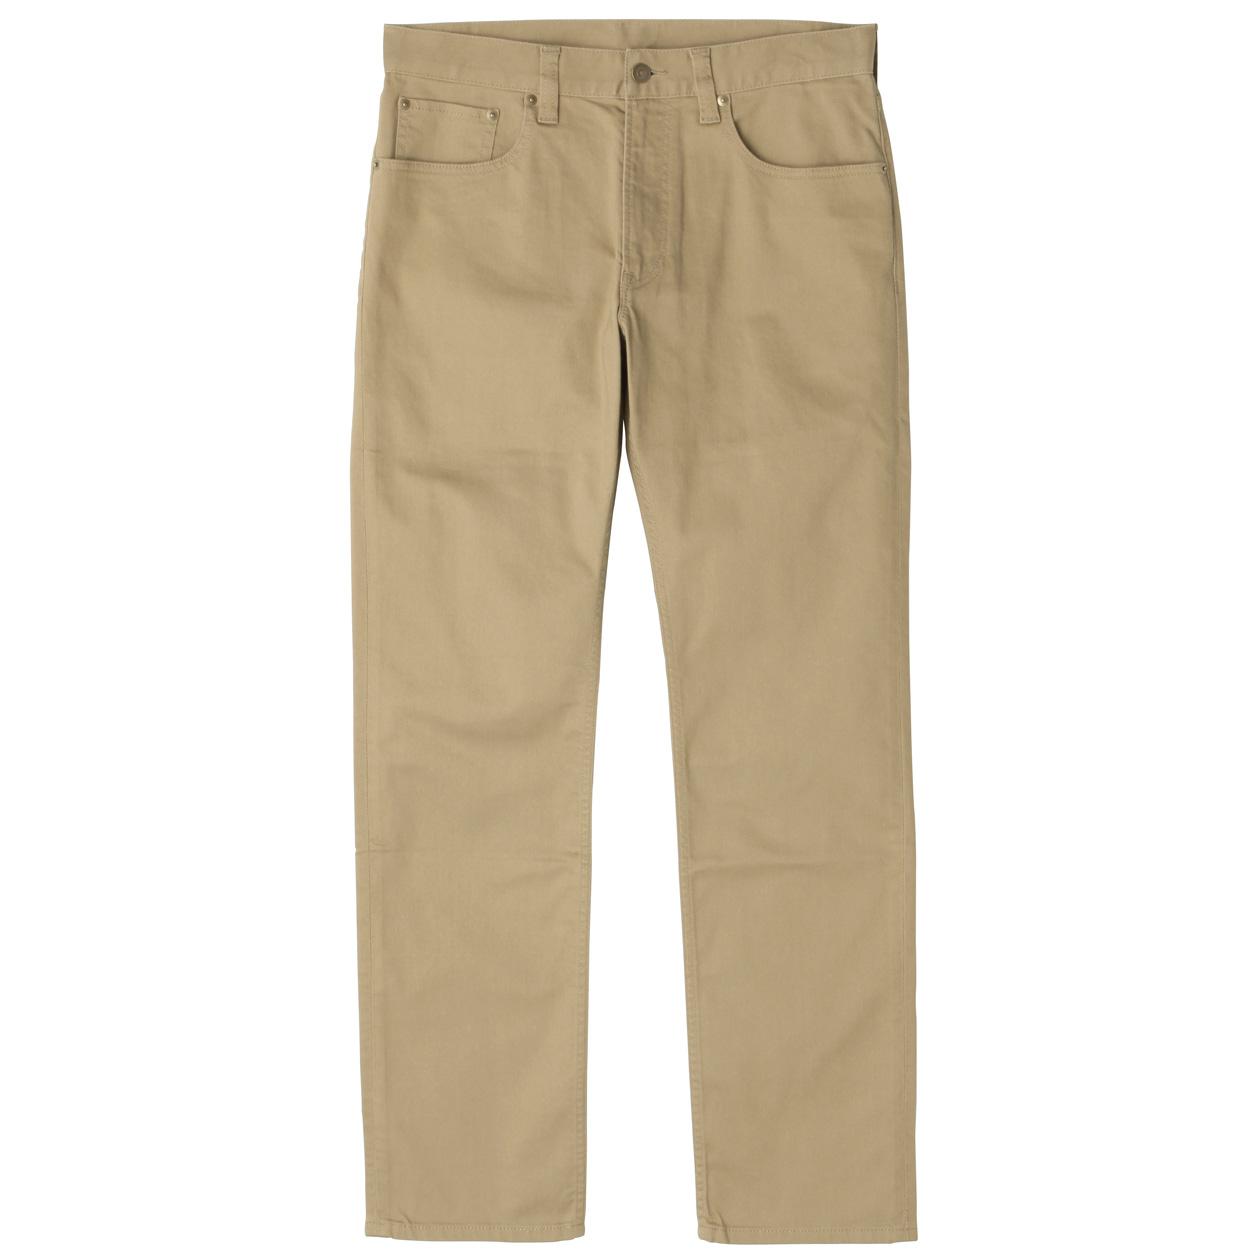 Где купить кожаные брюки доставка